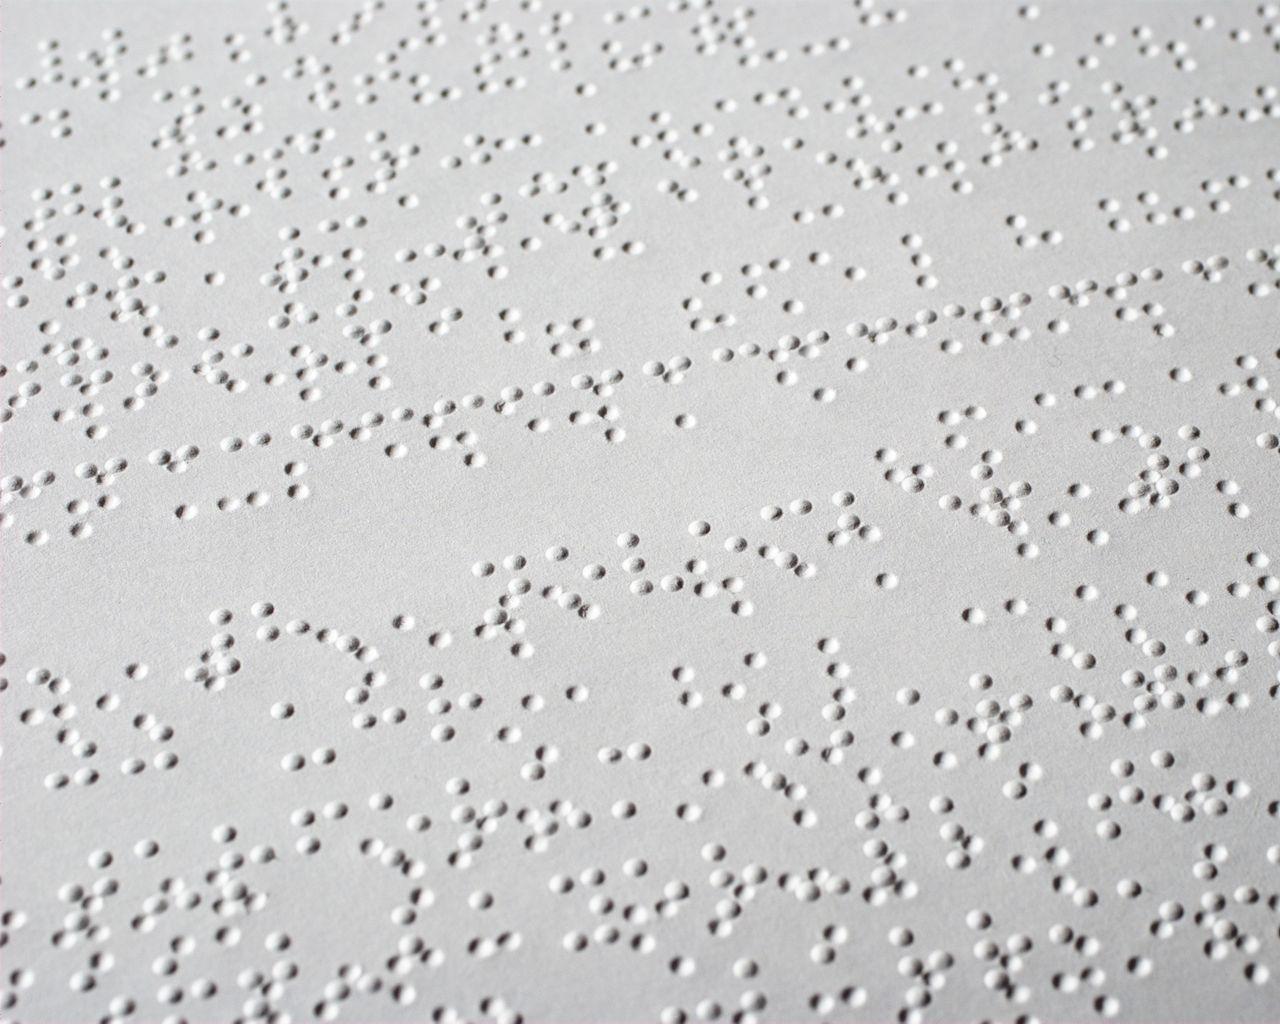 Чепецкой библиотеке внесли представление из-за отсутствия литературы для слепых